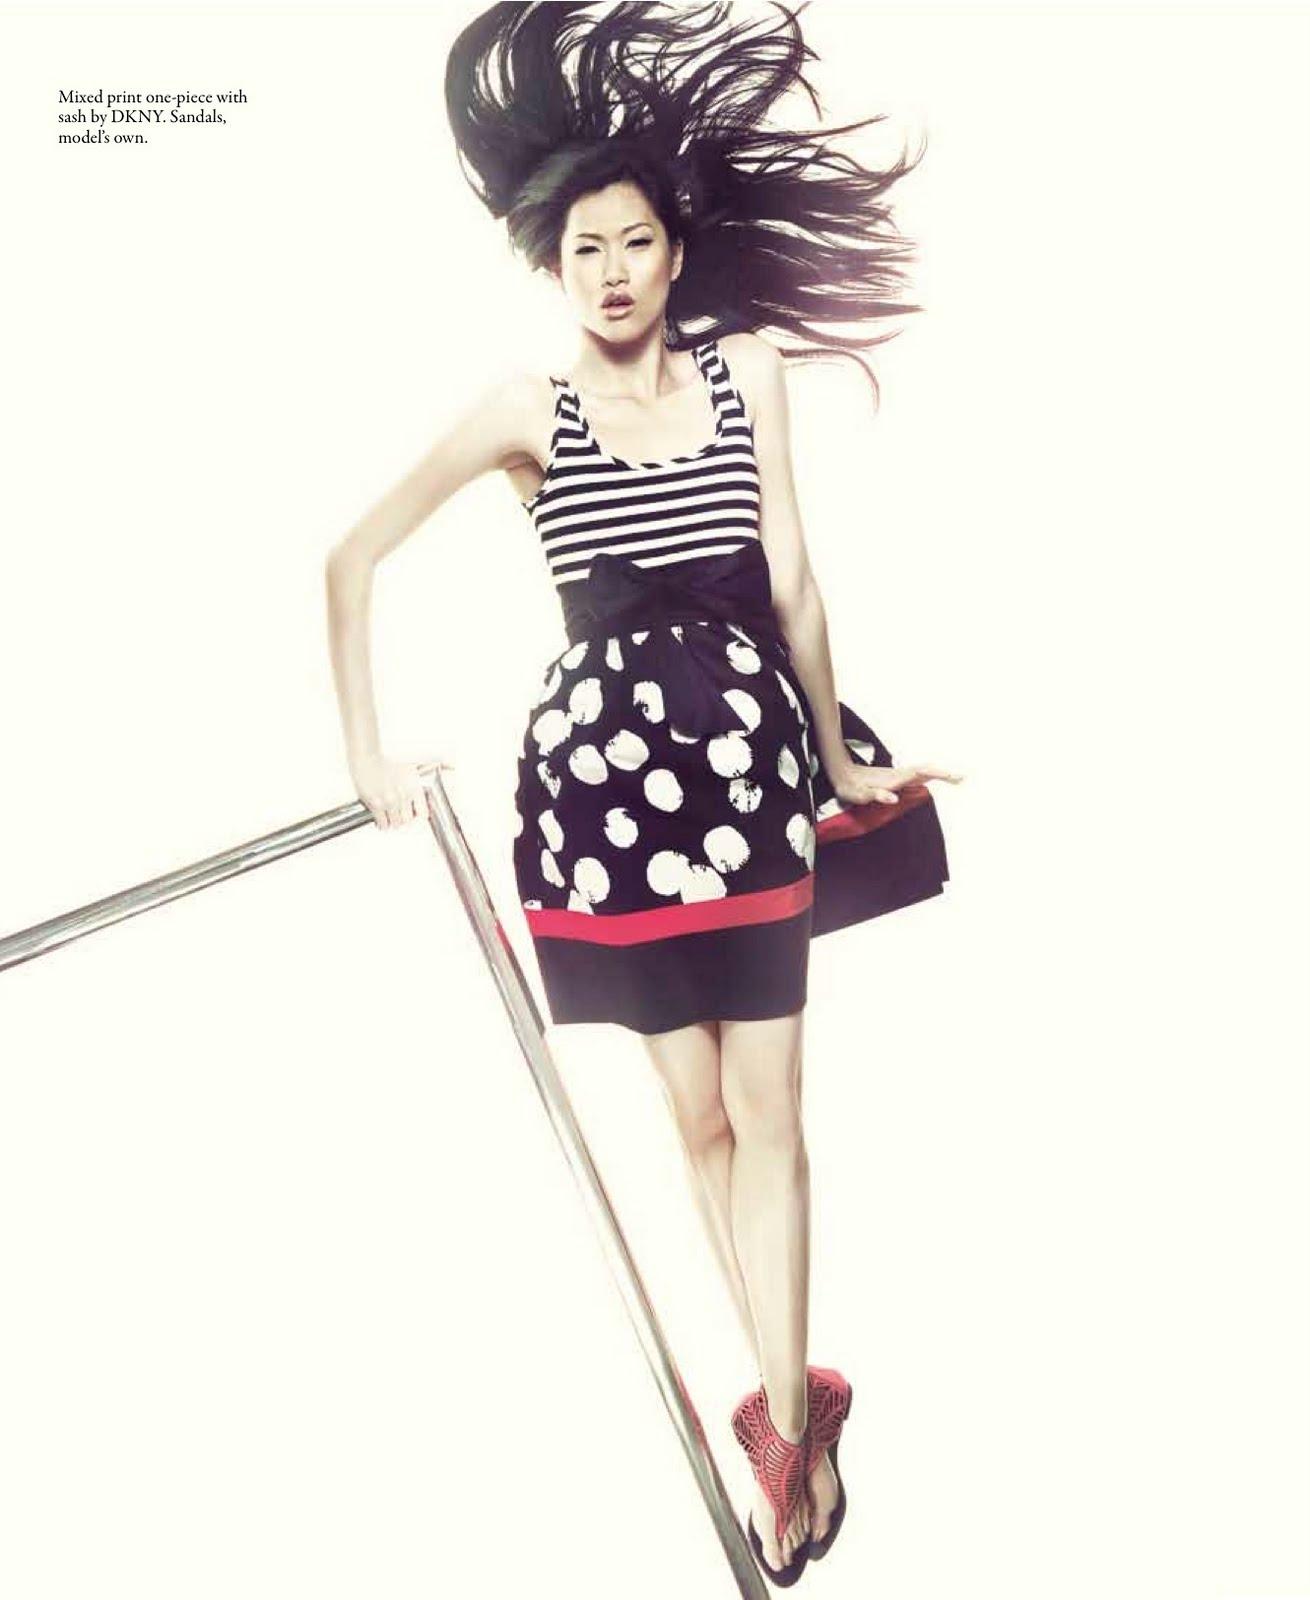 http://2.bp.blogspot.com/_WxaQw_UtAxA/TGH8TnLQAdI/AAAAAAAABzQ/cKTkcejhAqs/s1600/Fashion.Pick+%26+Mix.lores3a.jpg